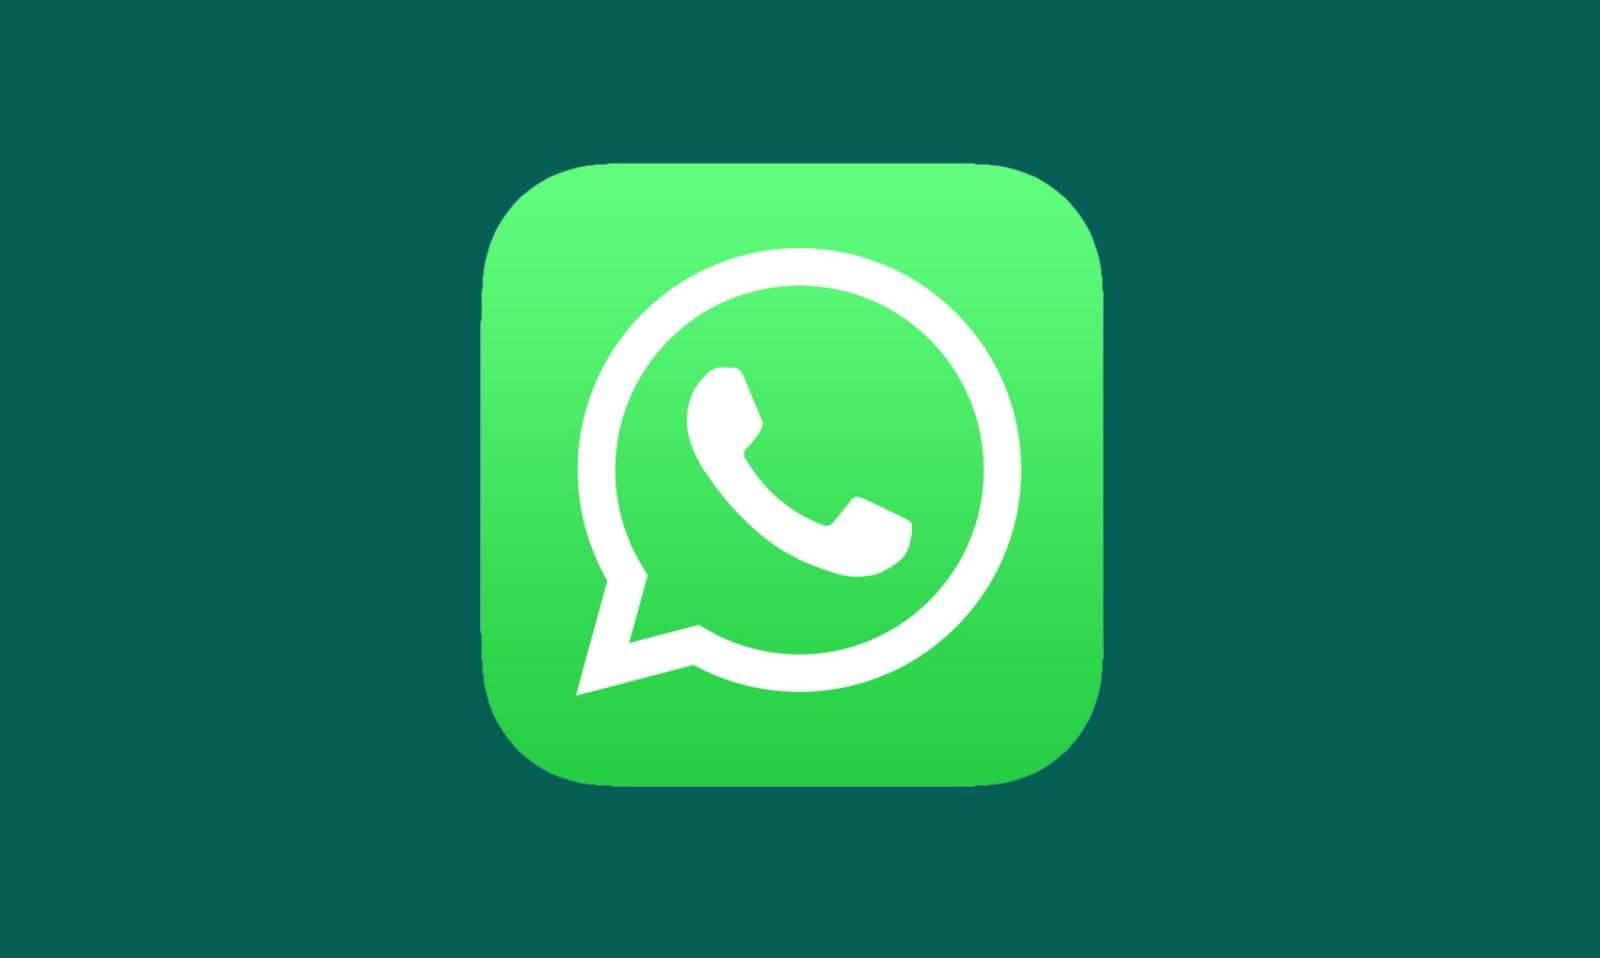 criptarea WhatsApp cod qr